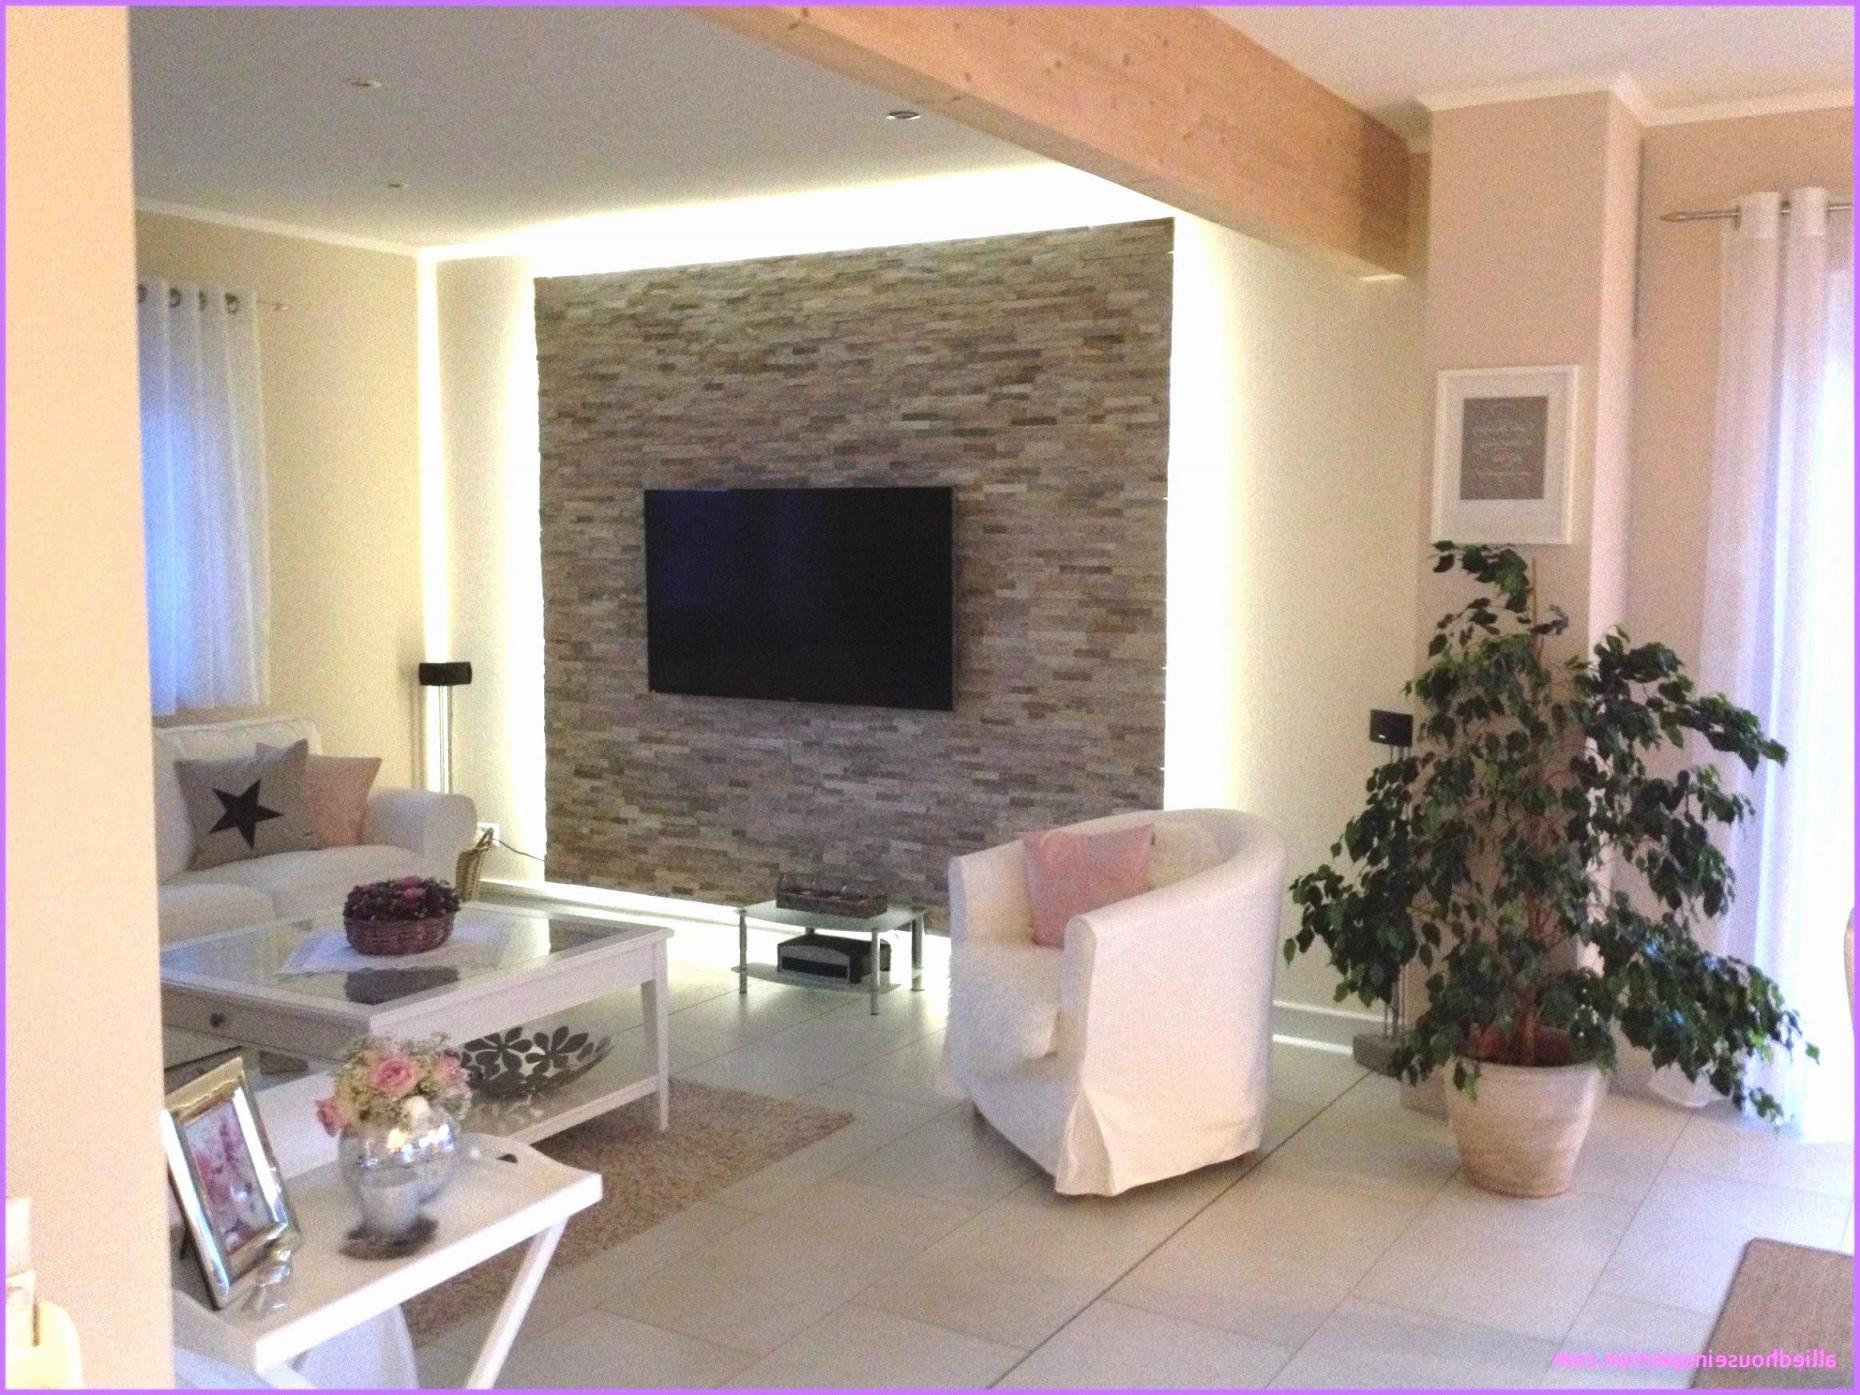 31 Schön Tapeten Landhausstil Wohnzimmer Schön  Wohnzimmer von Tapeten Landhausstil Wohnzimmer Photo